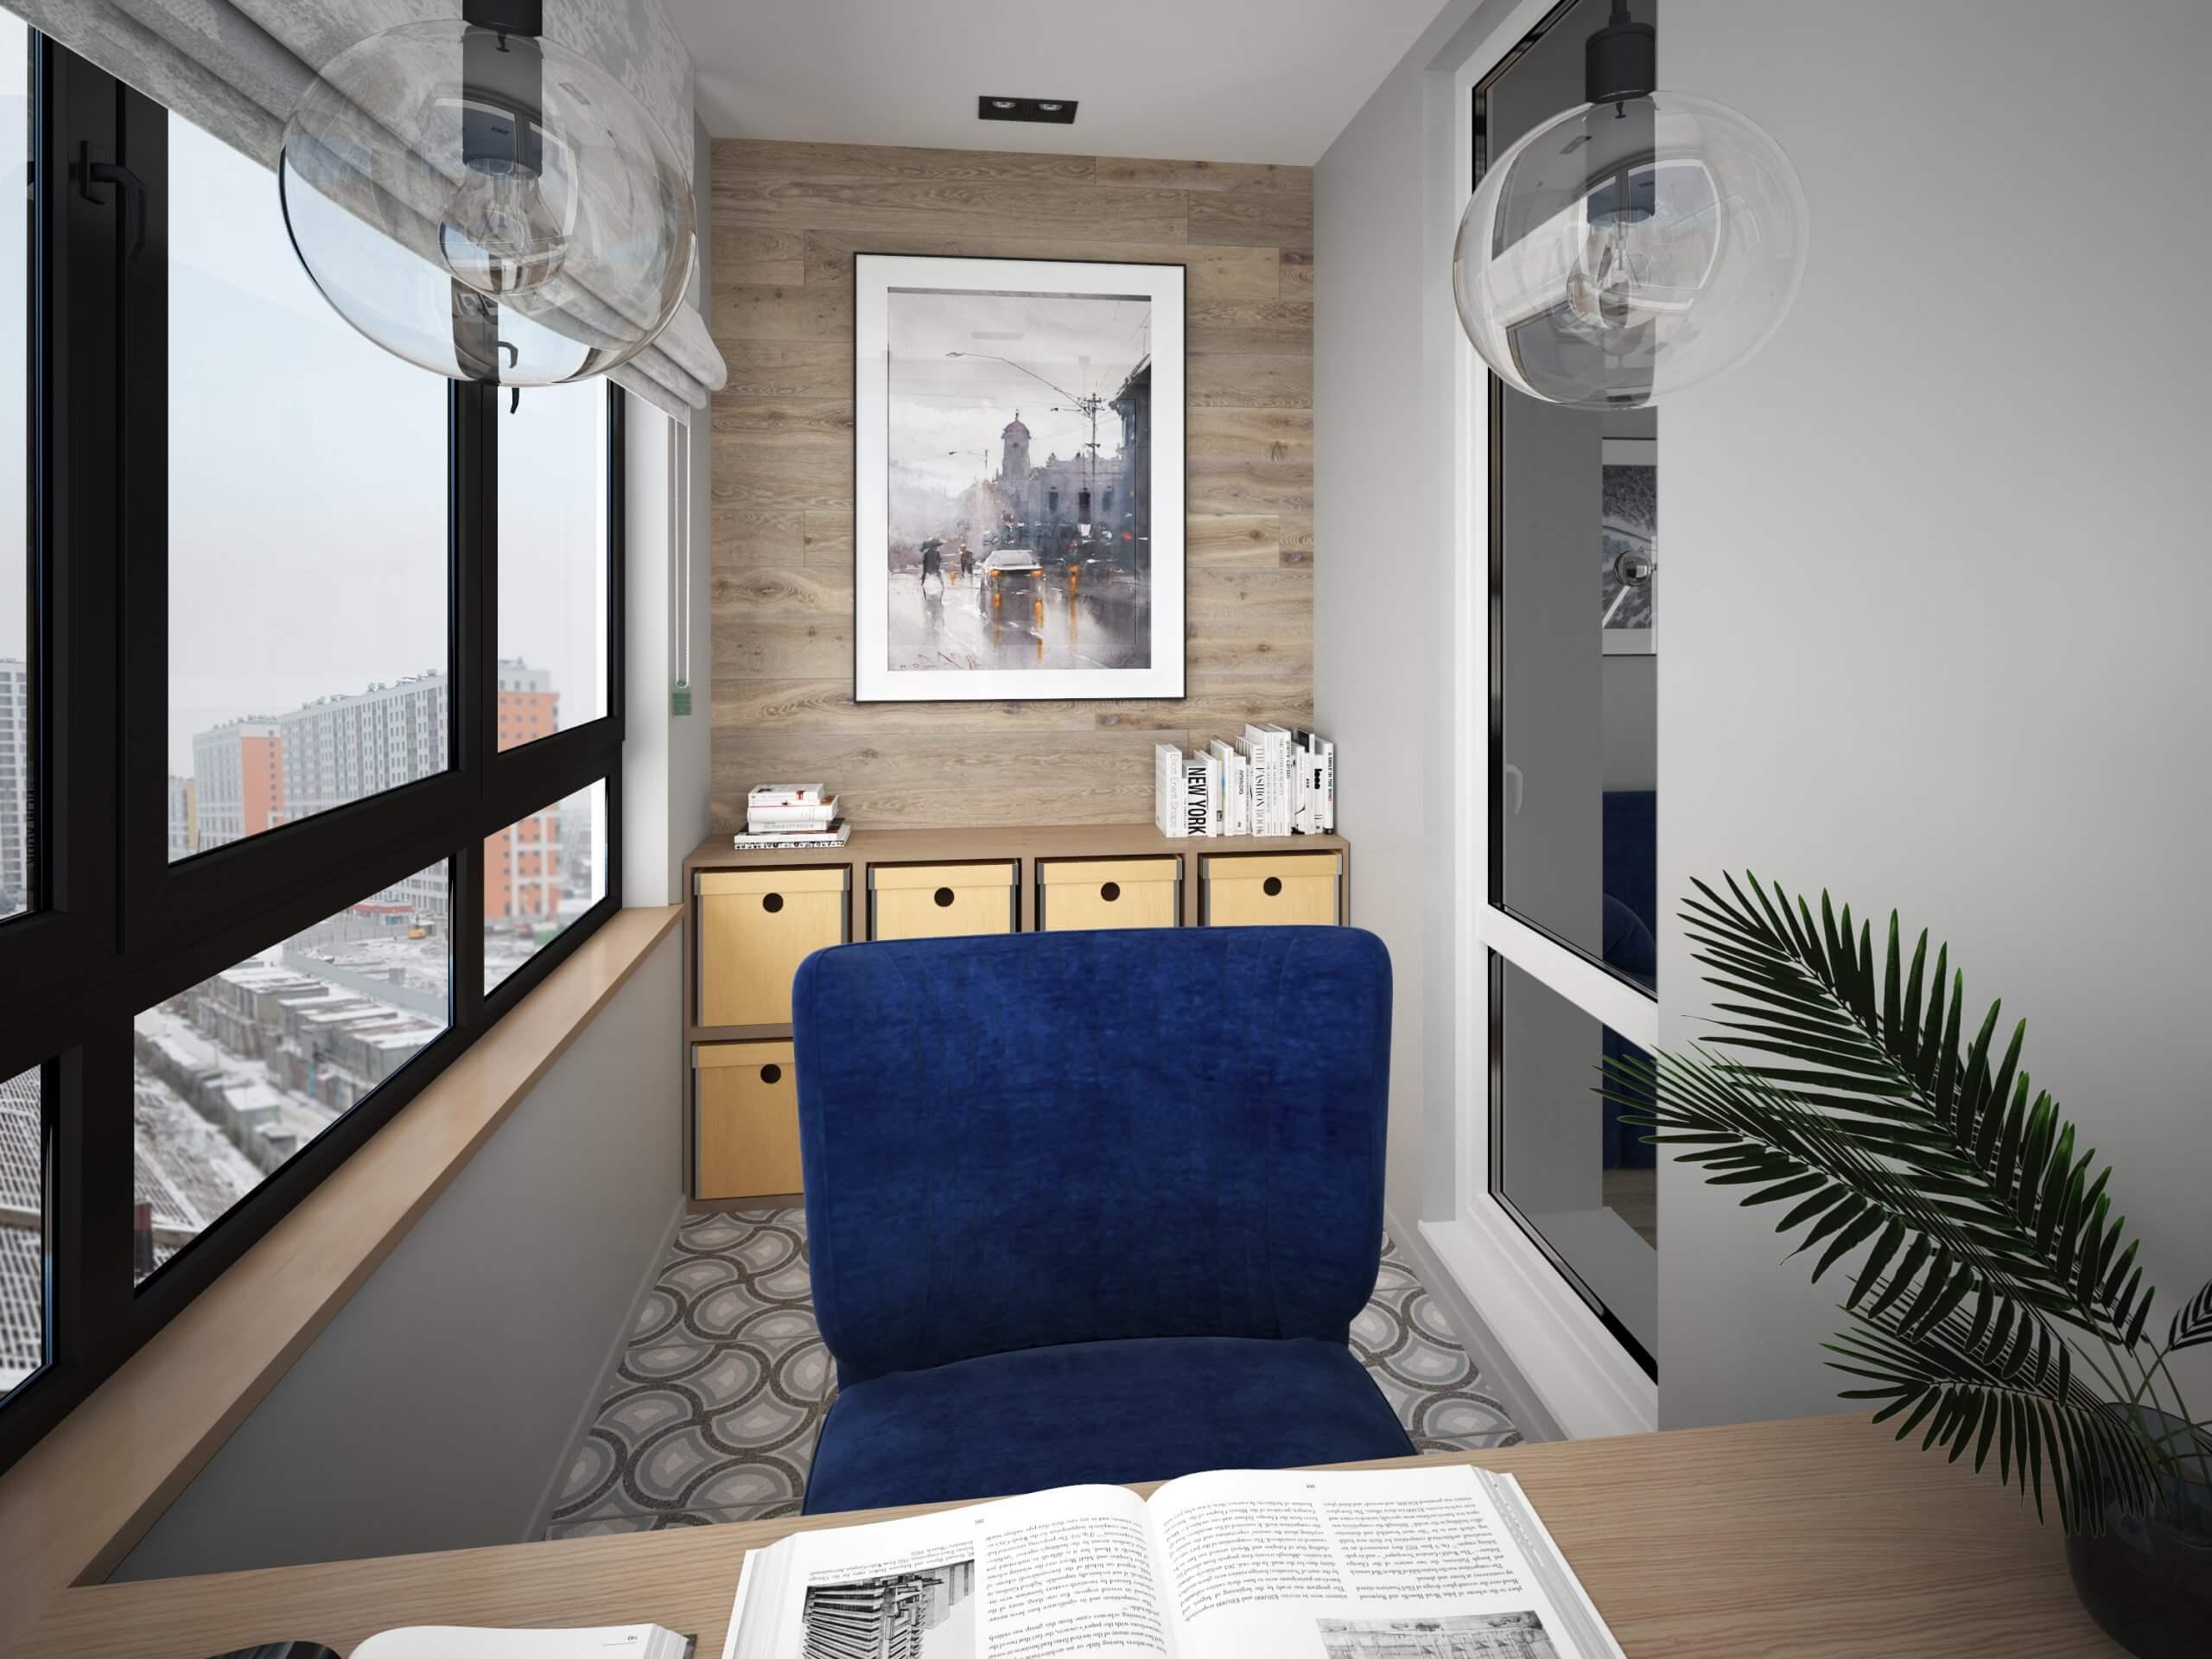 Дизайн проект интерьера квартиры в ЖК ГАЛАКТИКА (СПб)